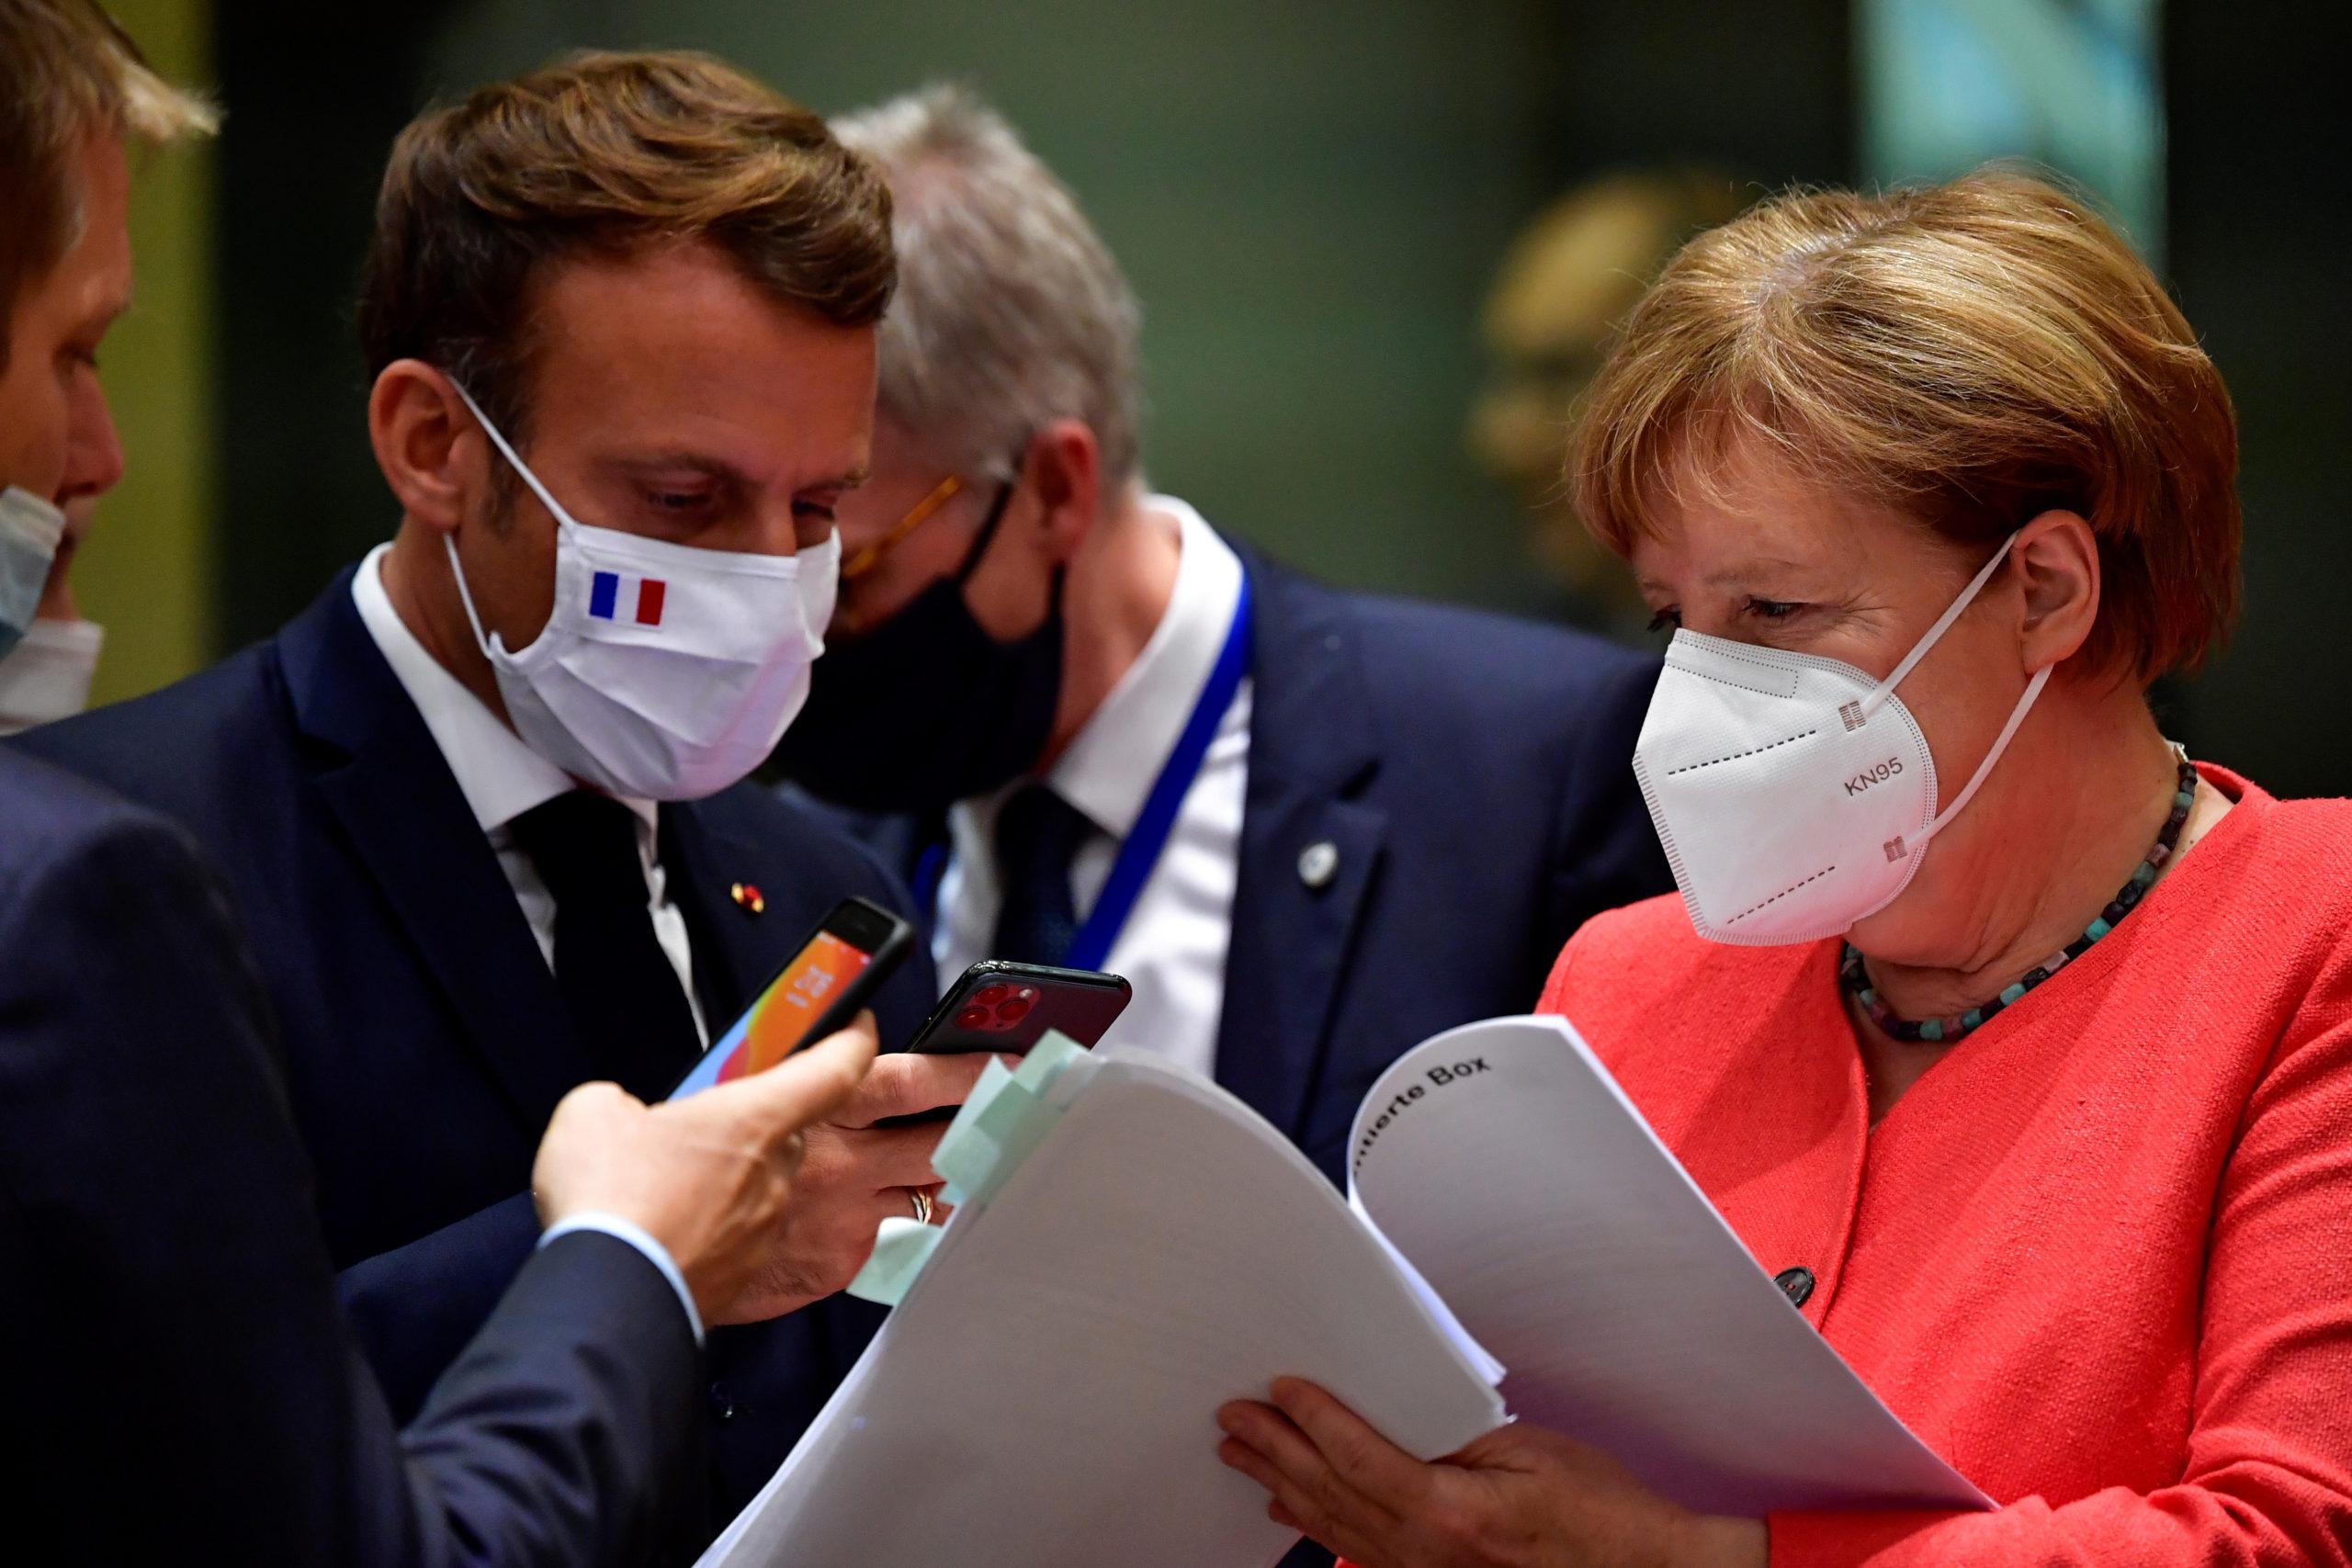 La hora global: El Eje Franco-Alemán (T02P09)